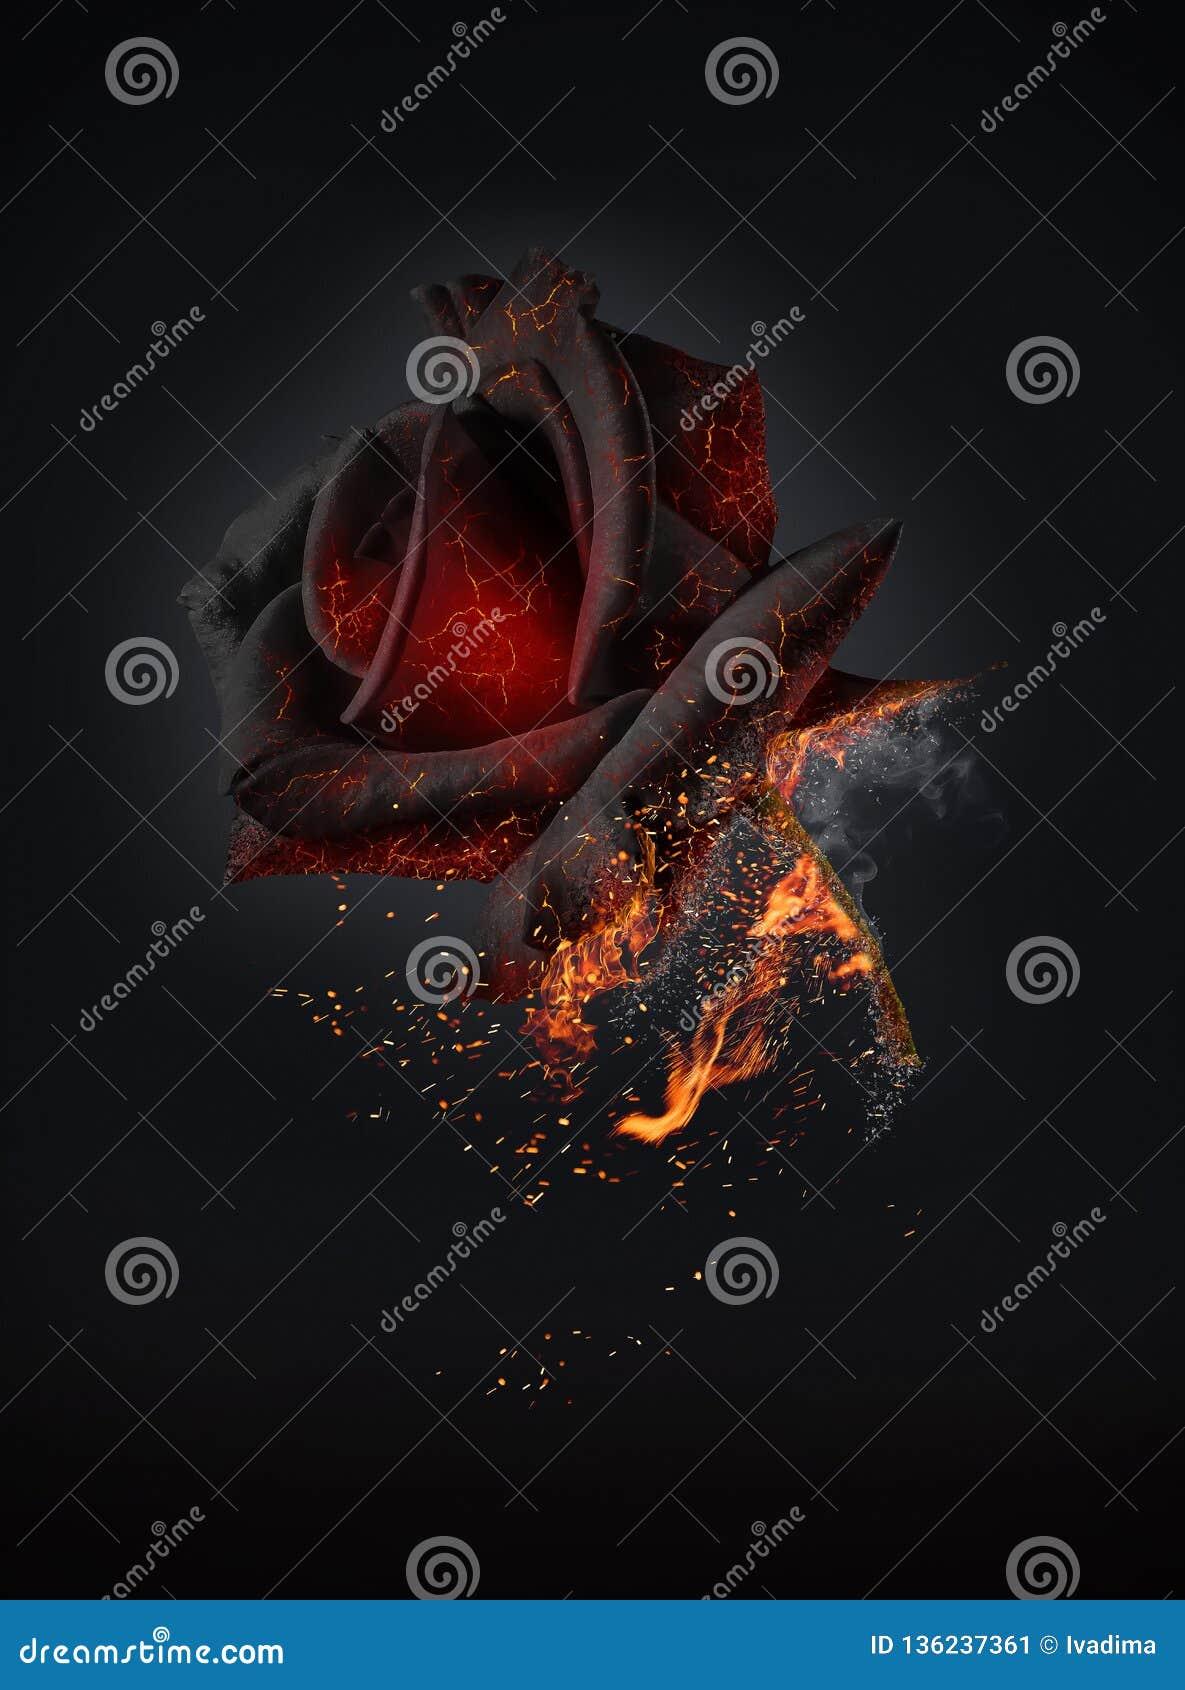 Símbolo color de rosa rojo ardiendo del amor apasionado